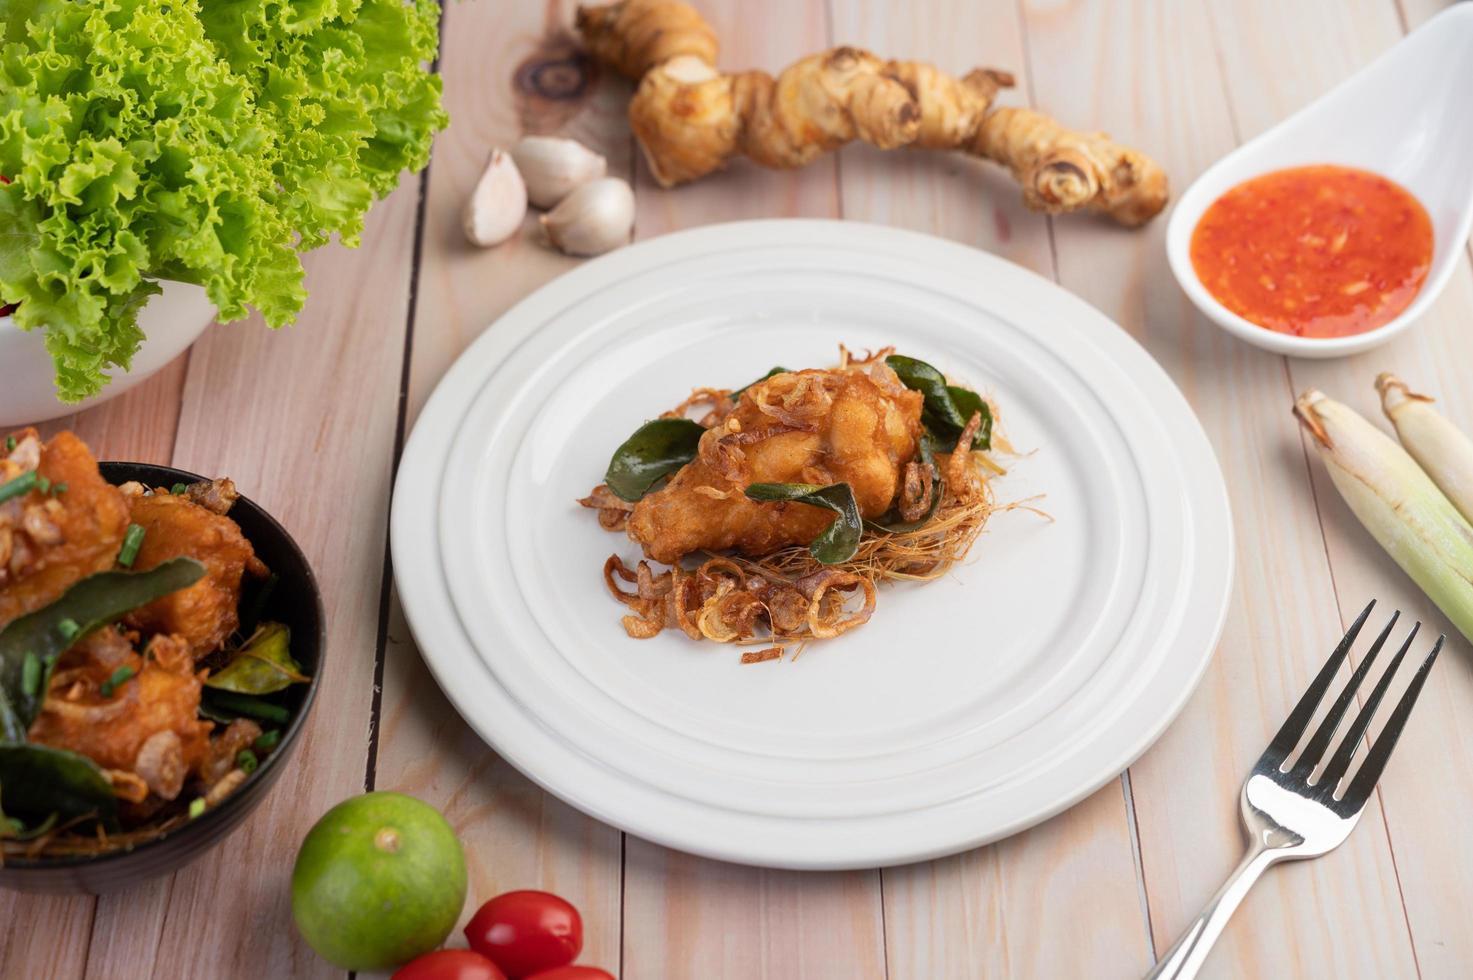 een bord met kruiden gebakken kip foto